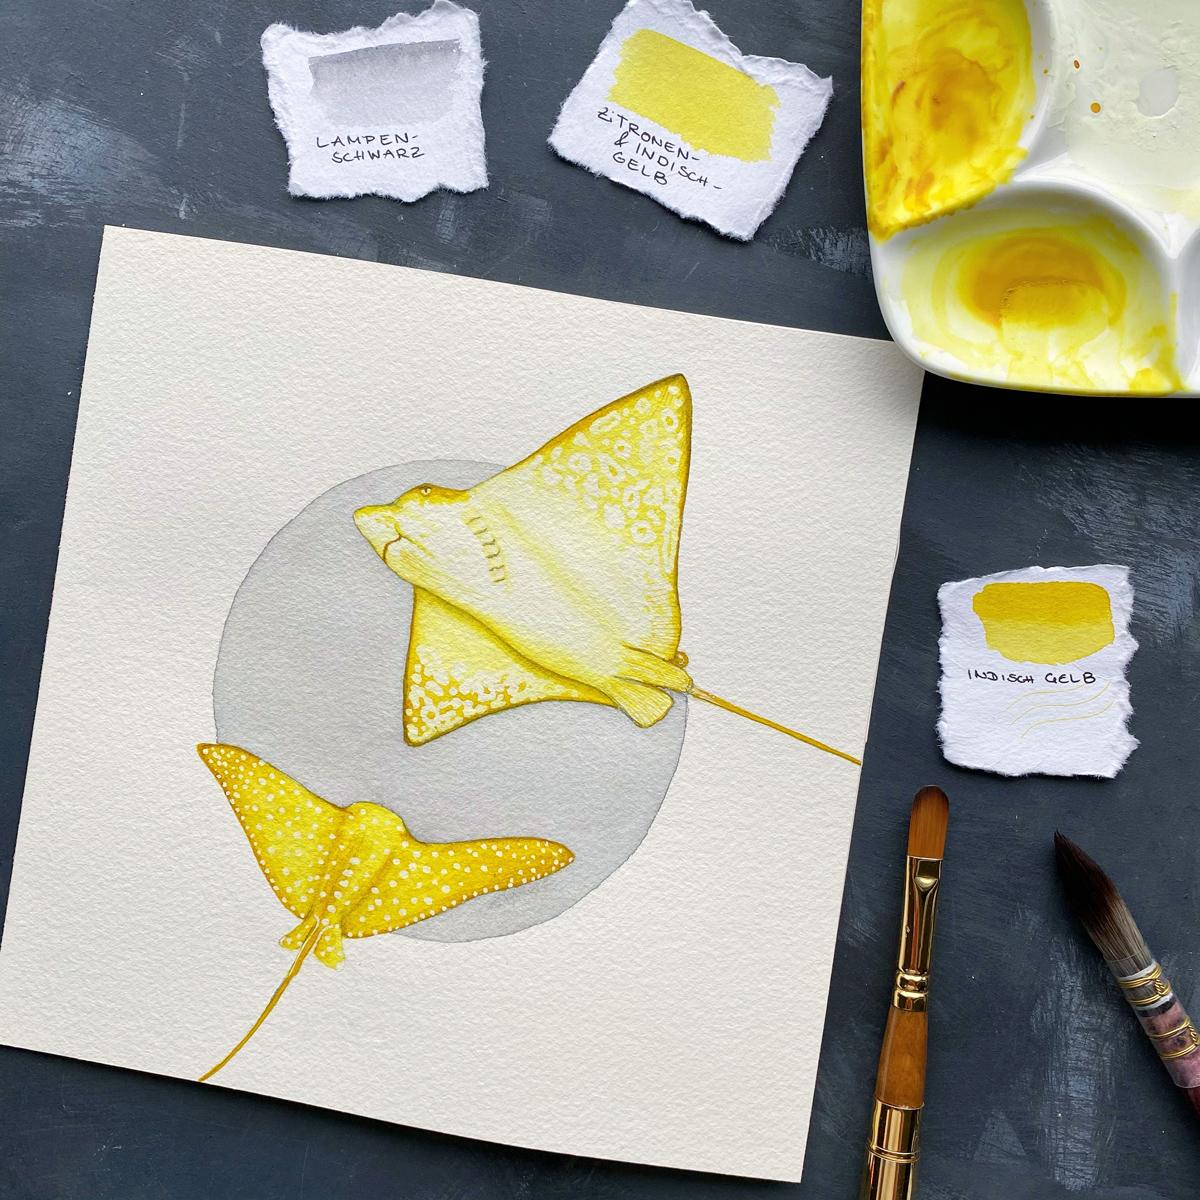 Zwei Rochen in Gelb schwimmen vor einem hell grauen Kreis.